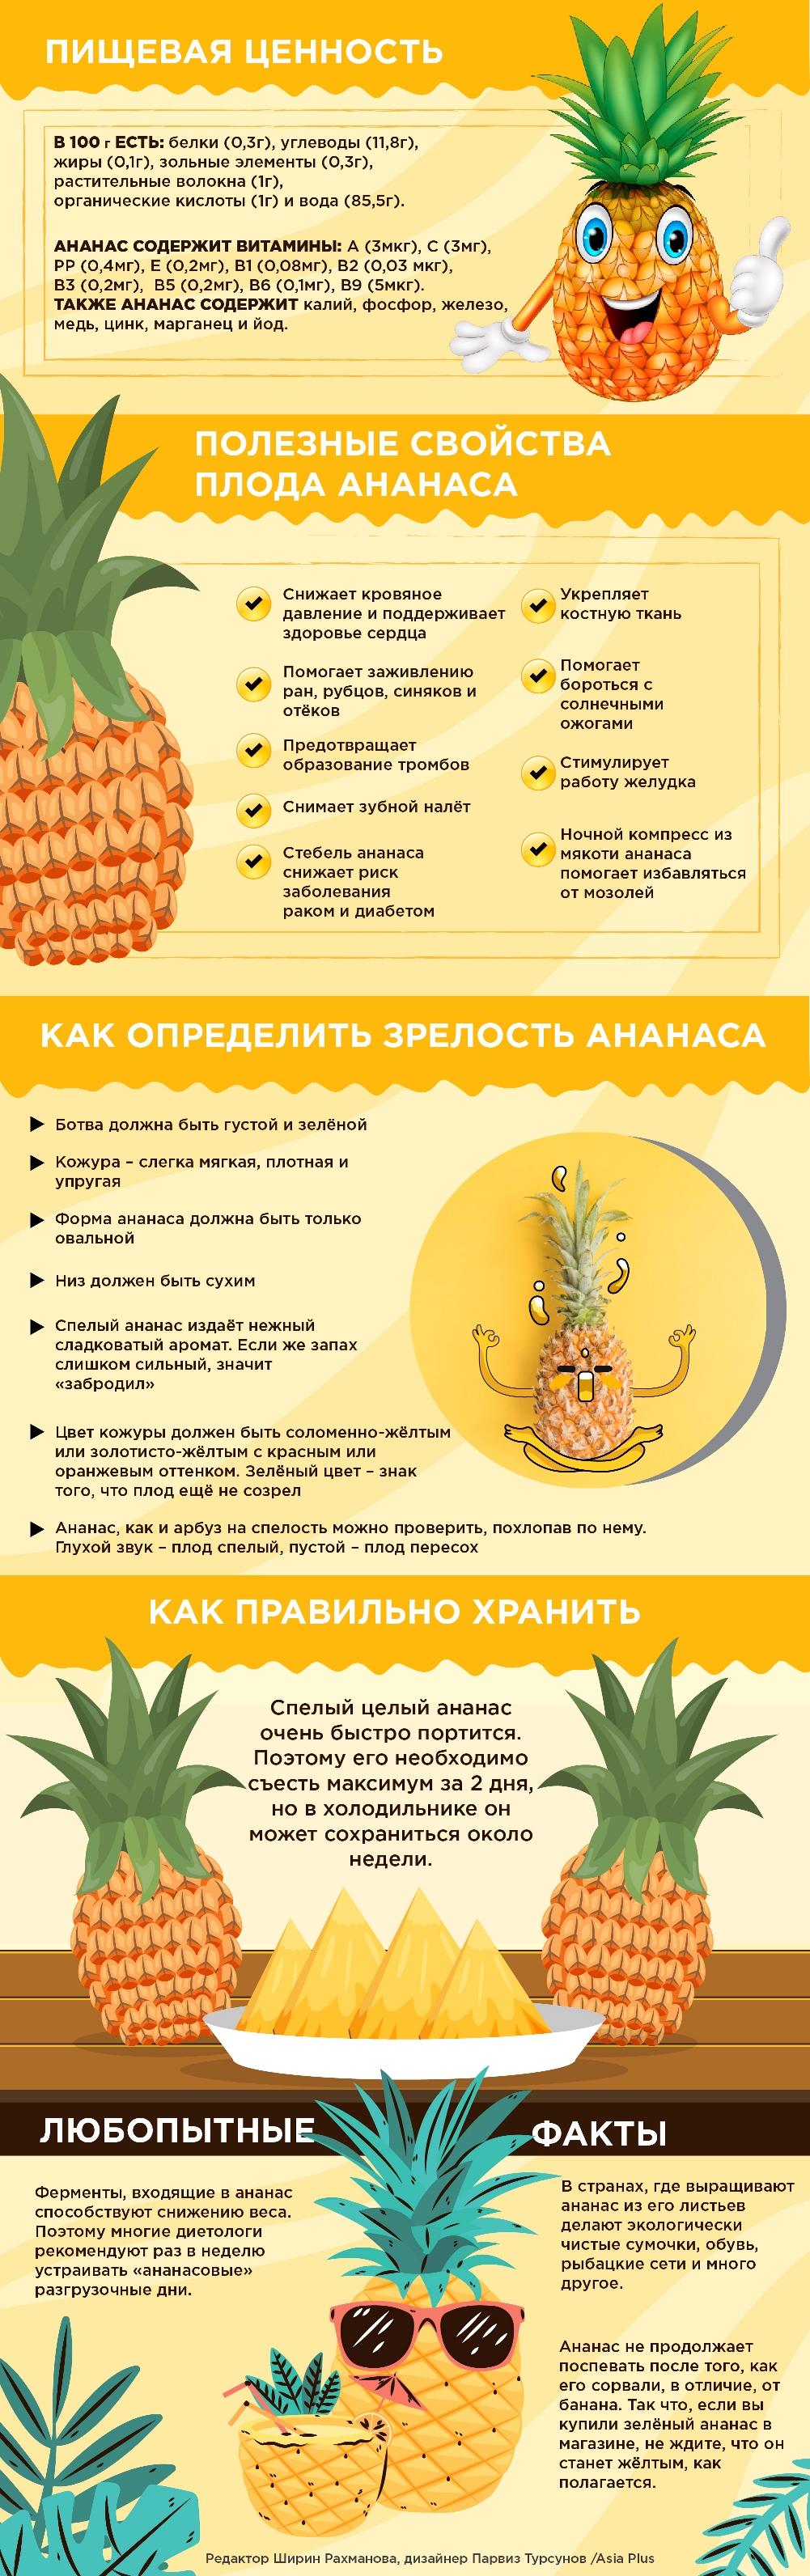 Ананас: где и как растет фрукт, как чистить и резать, польза и вред, как правильно есть и ананас для похудения